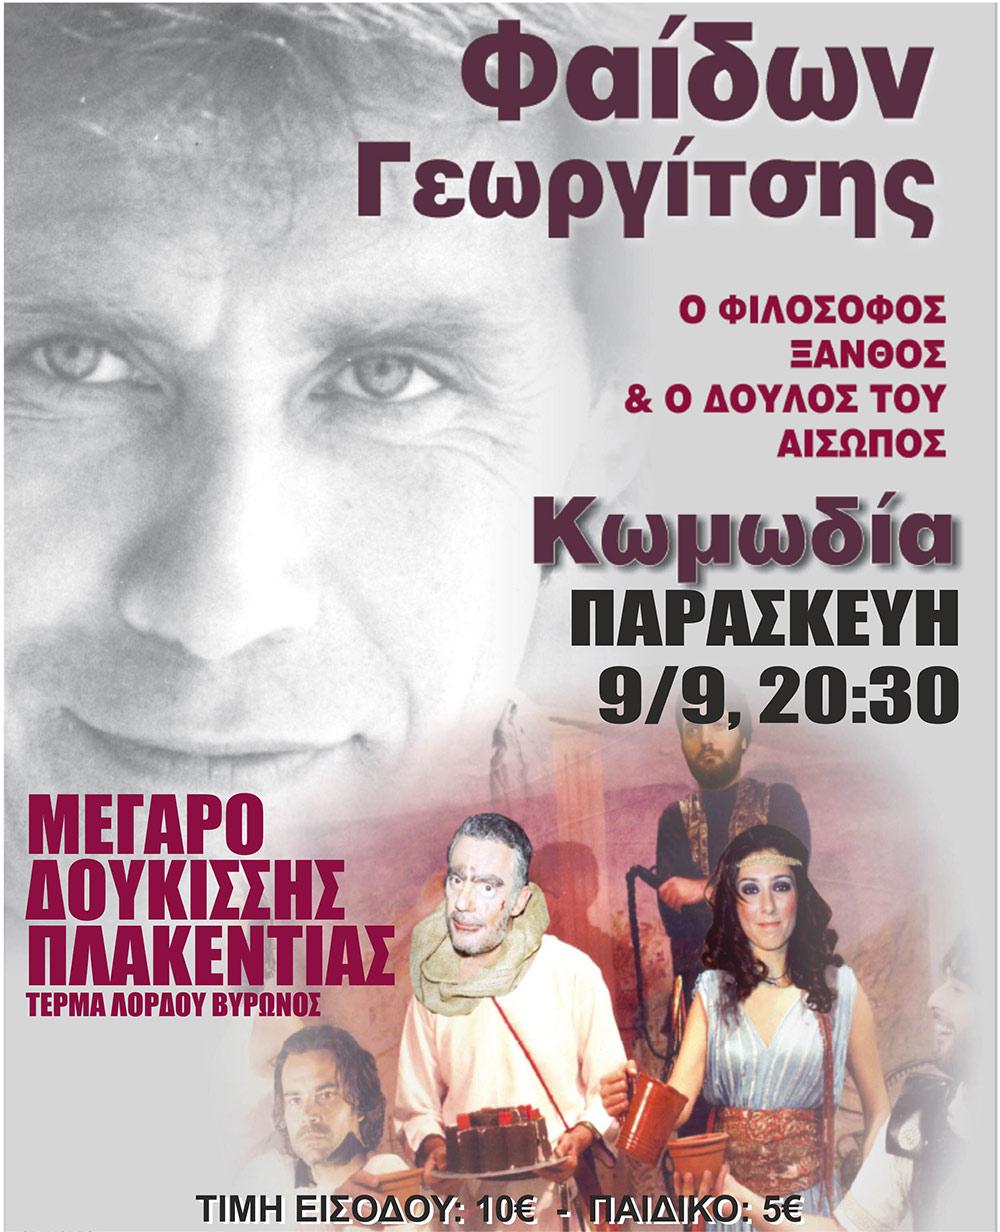 Ο φιλόσοφος Ξάνθος και ο δούλος του Αίσωπος | Παρασκευή 9 Σεπτεμβρίου